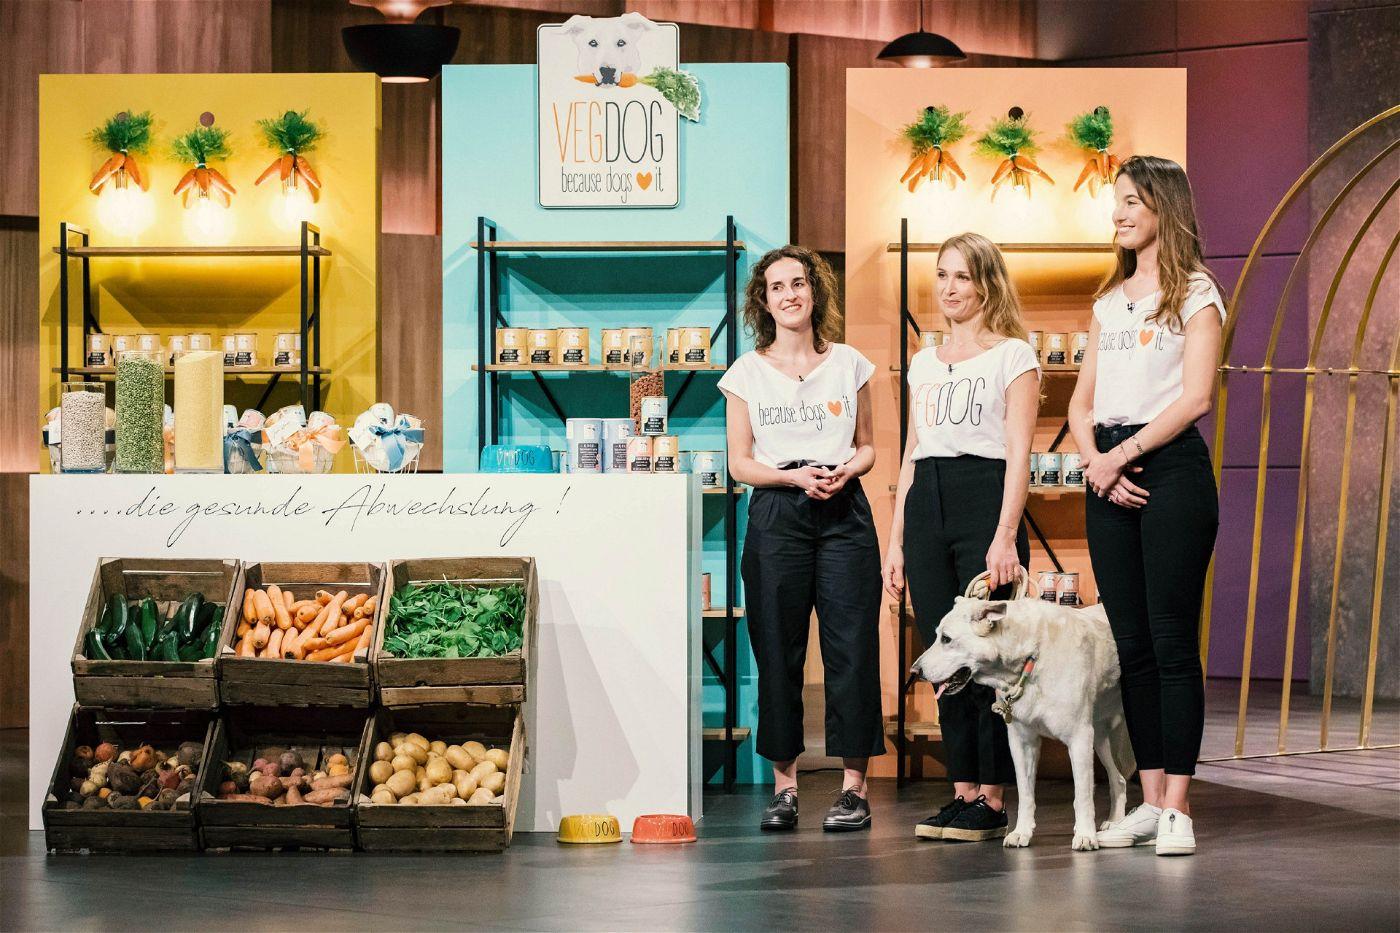 """<p><b>Die Gründer und ihr Produkt</b>: Tessa Zaune-Figlar (34), Valerie Hansen (28) und Lisa Walther (29) vertreiben veganes Hundefutter unter dem Namen """"VEGDOG"""".<p><b>Der Wunsch</b>: 150.000 Euro für einen Firmenanteil von zehn Prozent.</p> <p><b>Der Deal</b>: Dagmar Wöhrl investiert 120.000 Euro für 20 Prozent.</p>"""